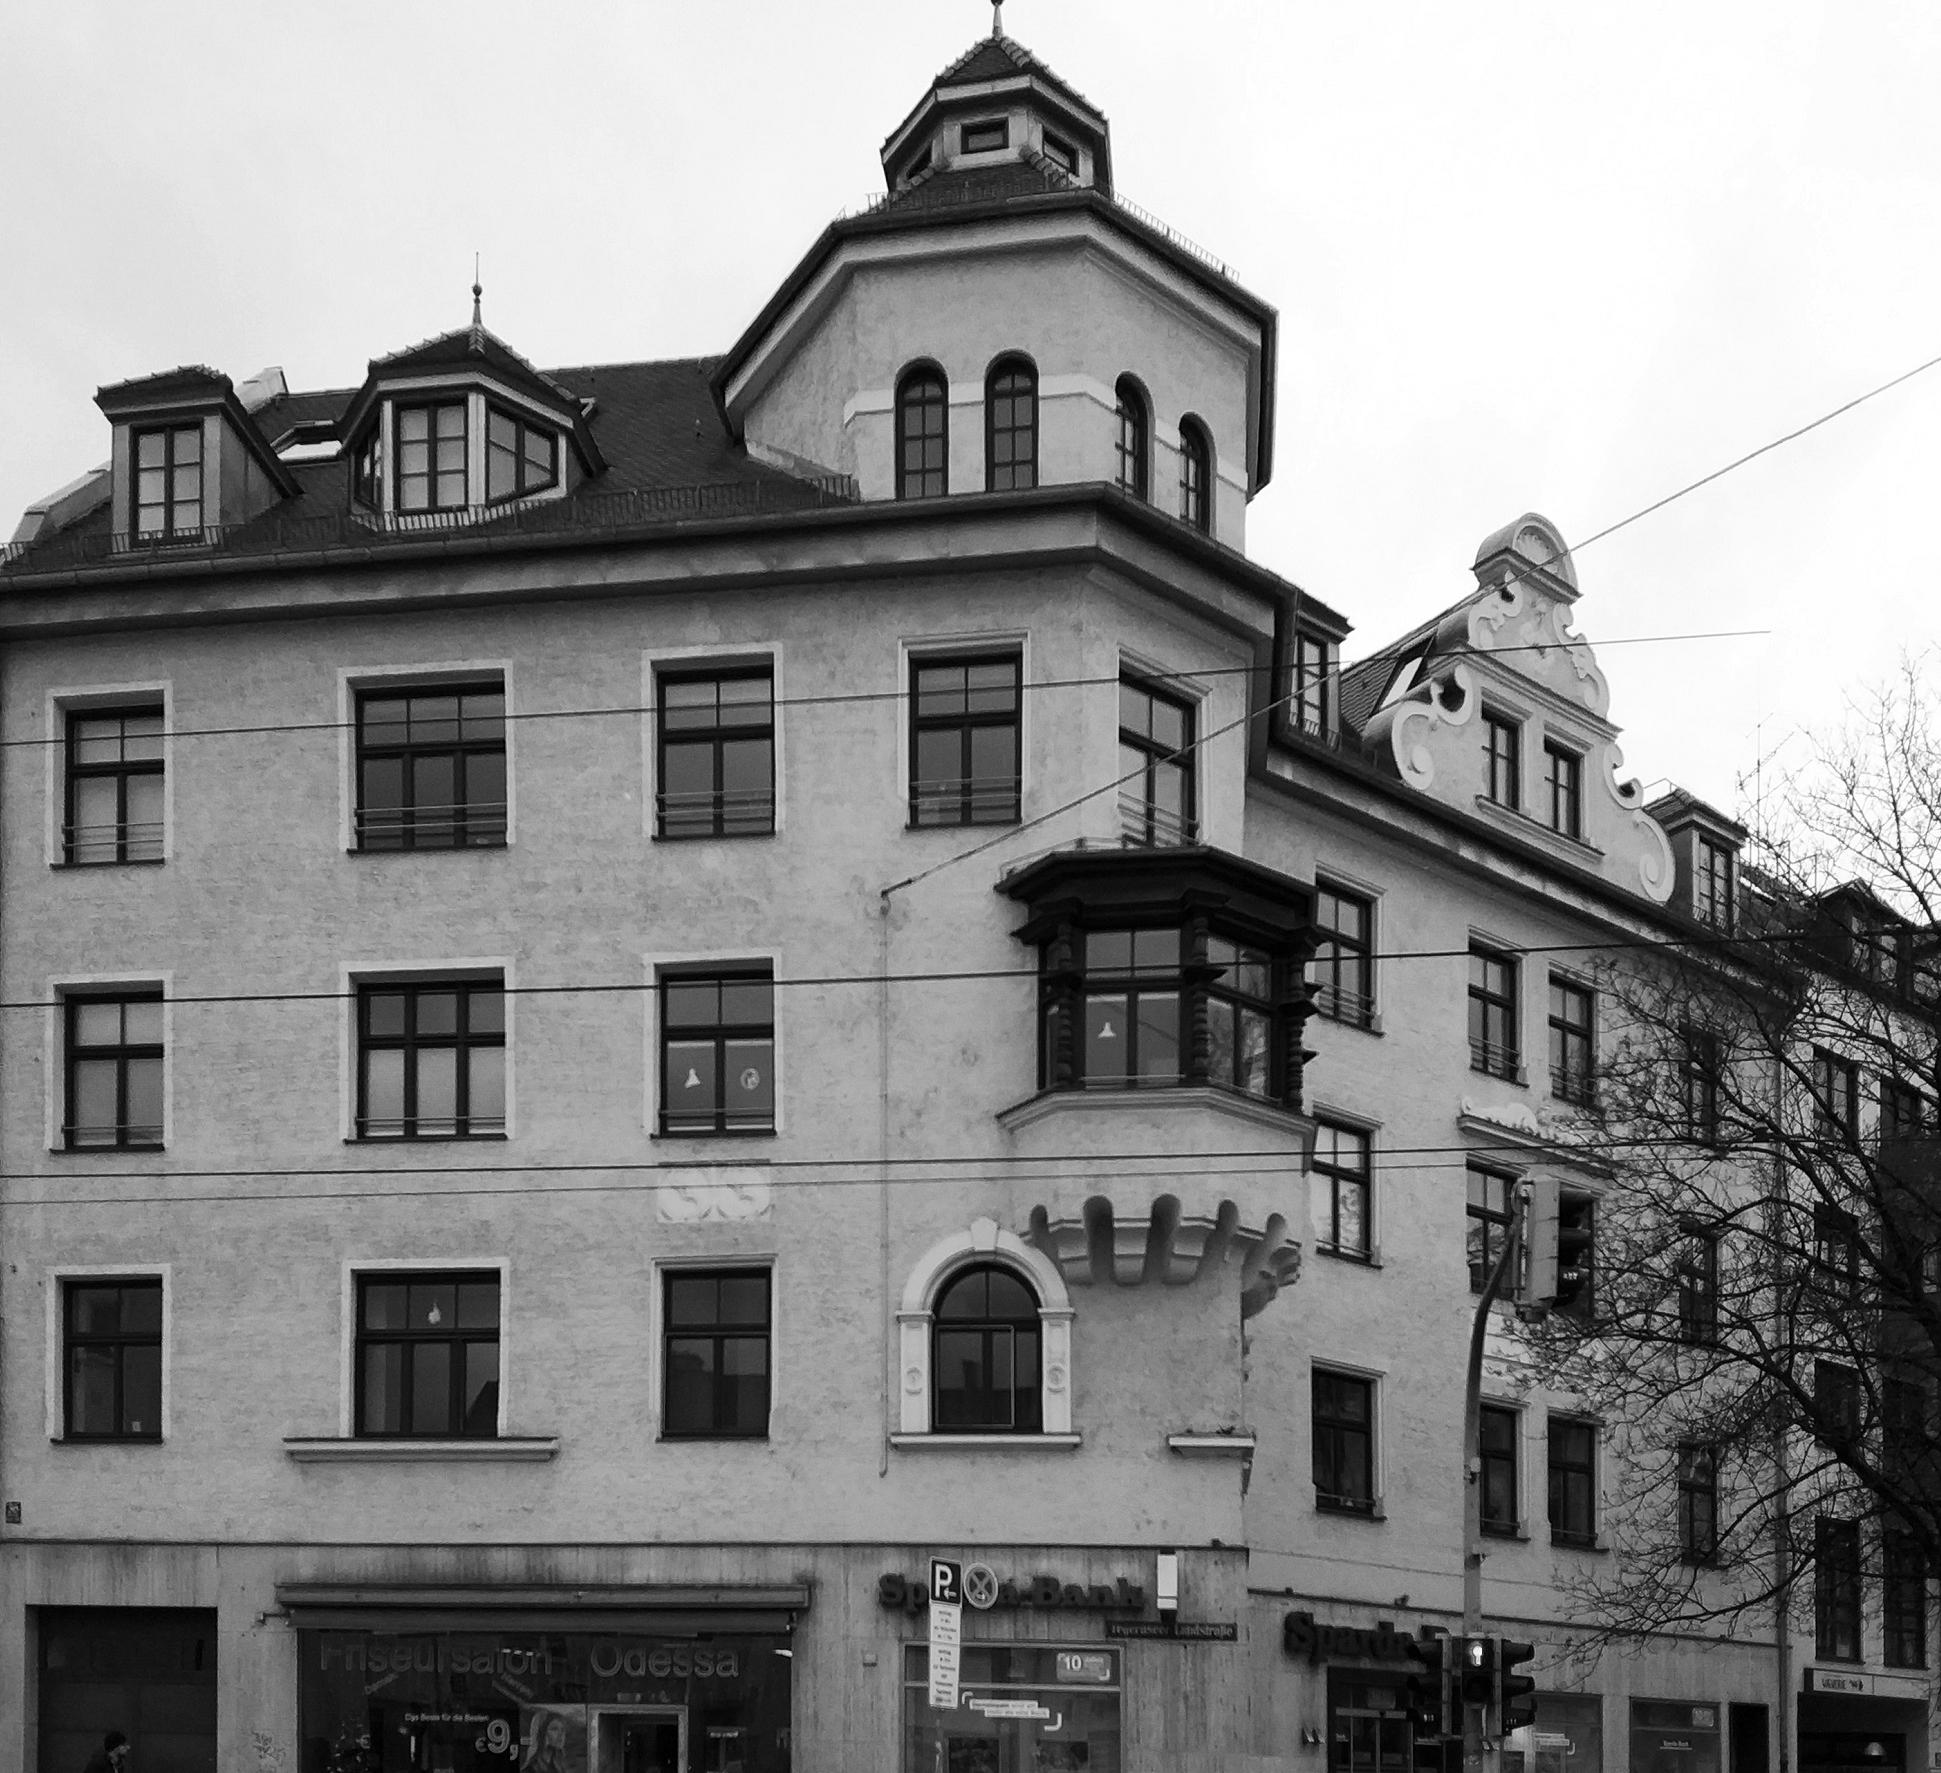 Tegernseerlandstreet